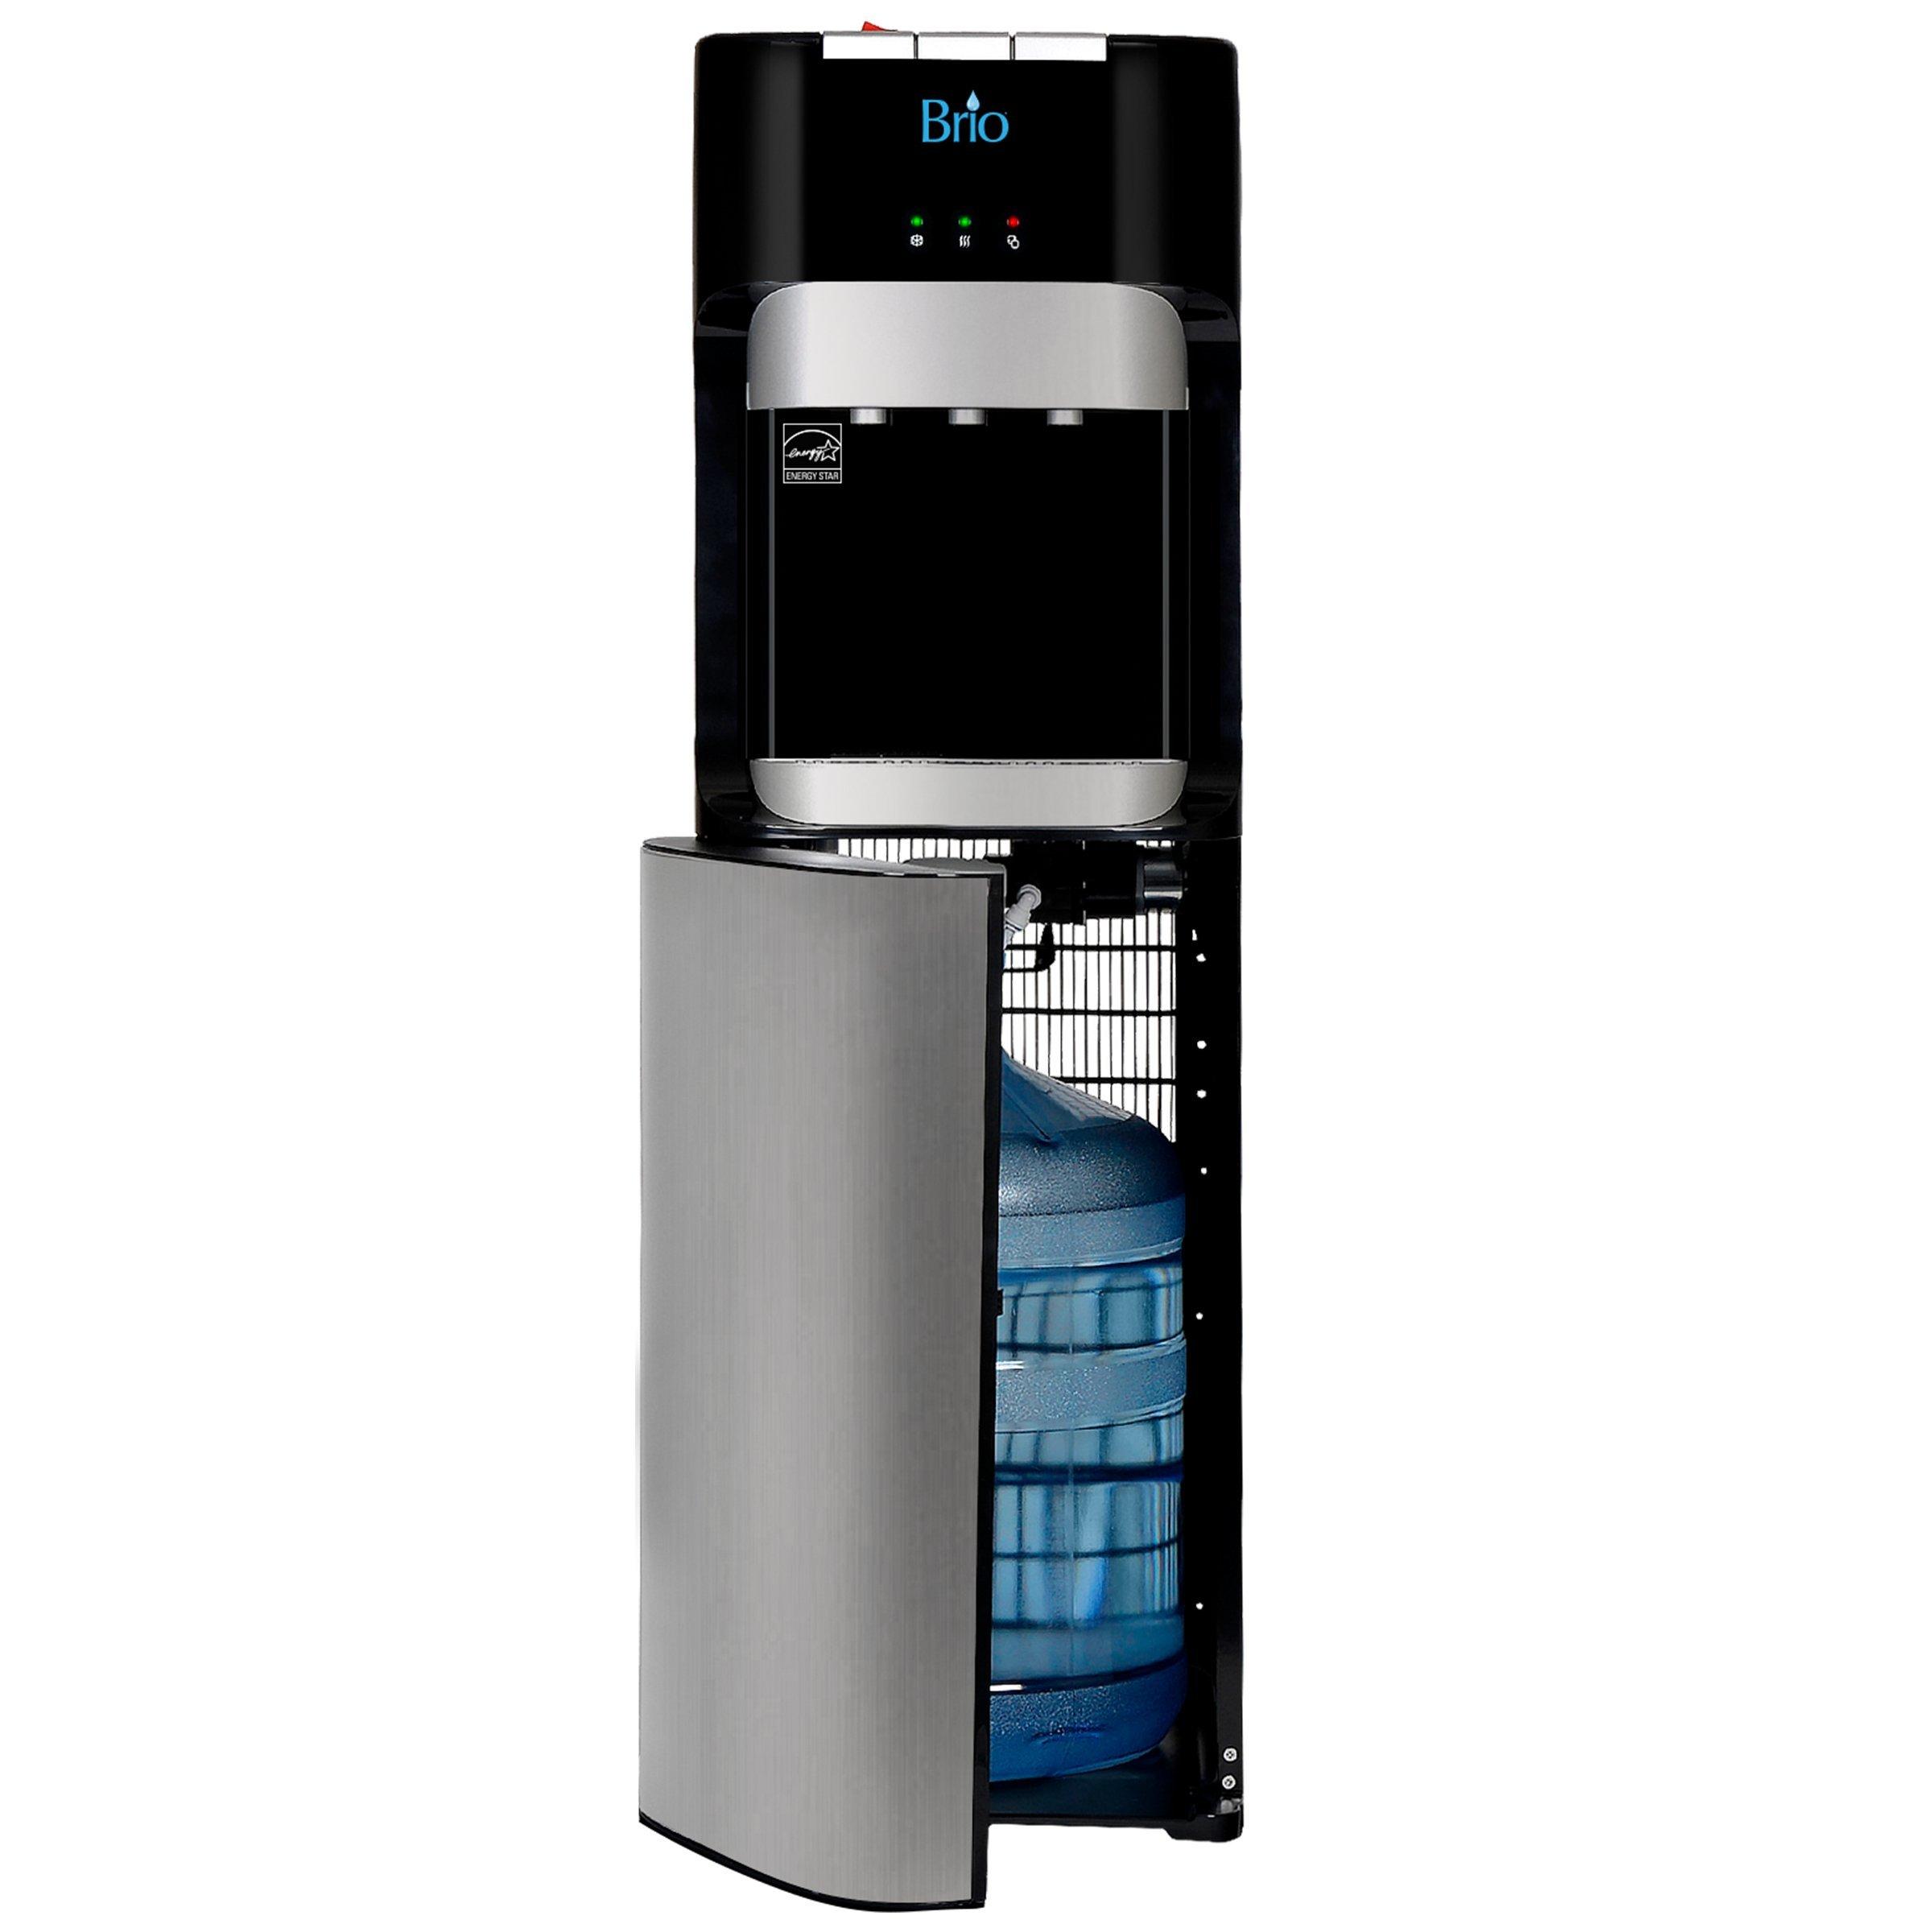 Brio Bottom Loading Cooler Dispenser